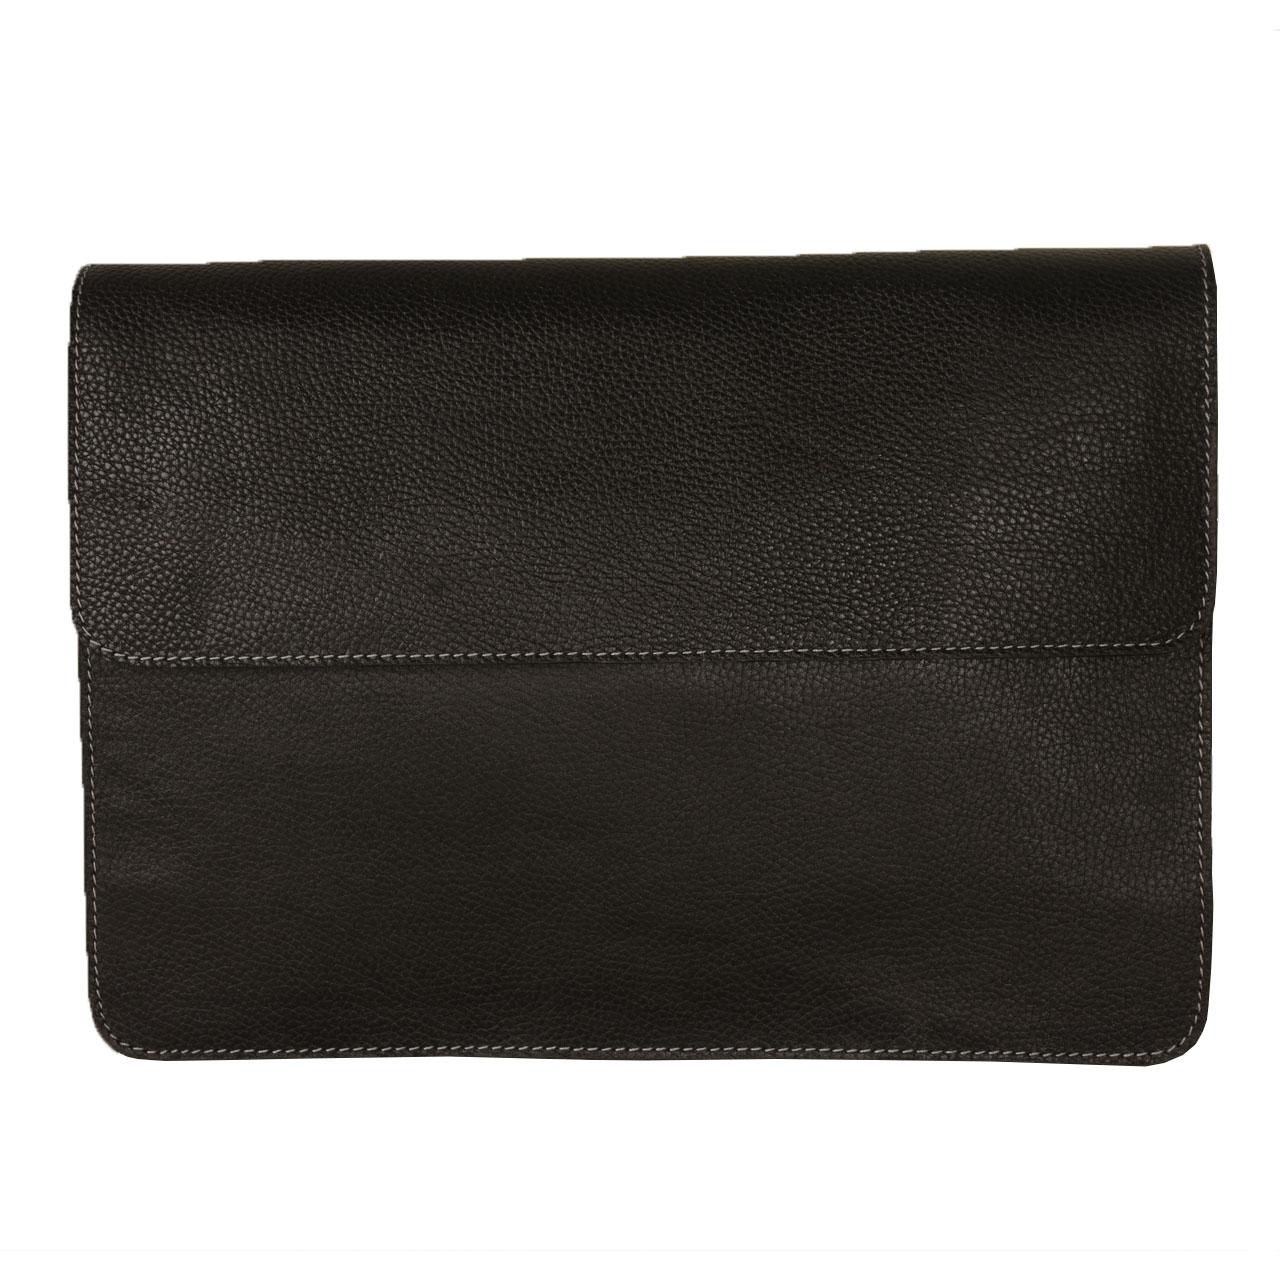 کیف دستی مردانه کهن چرم مدل PF45